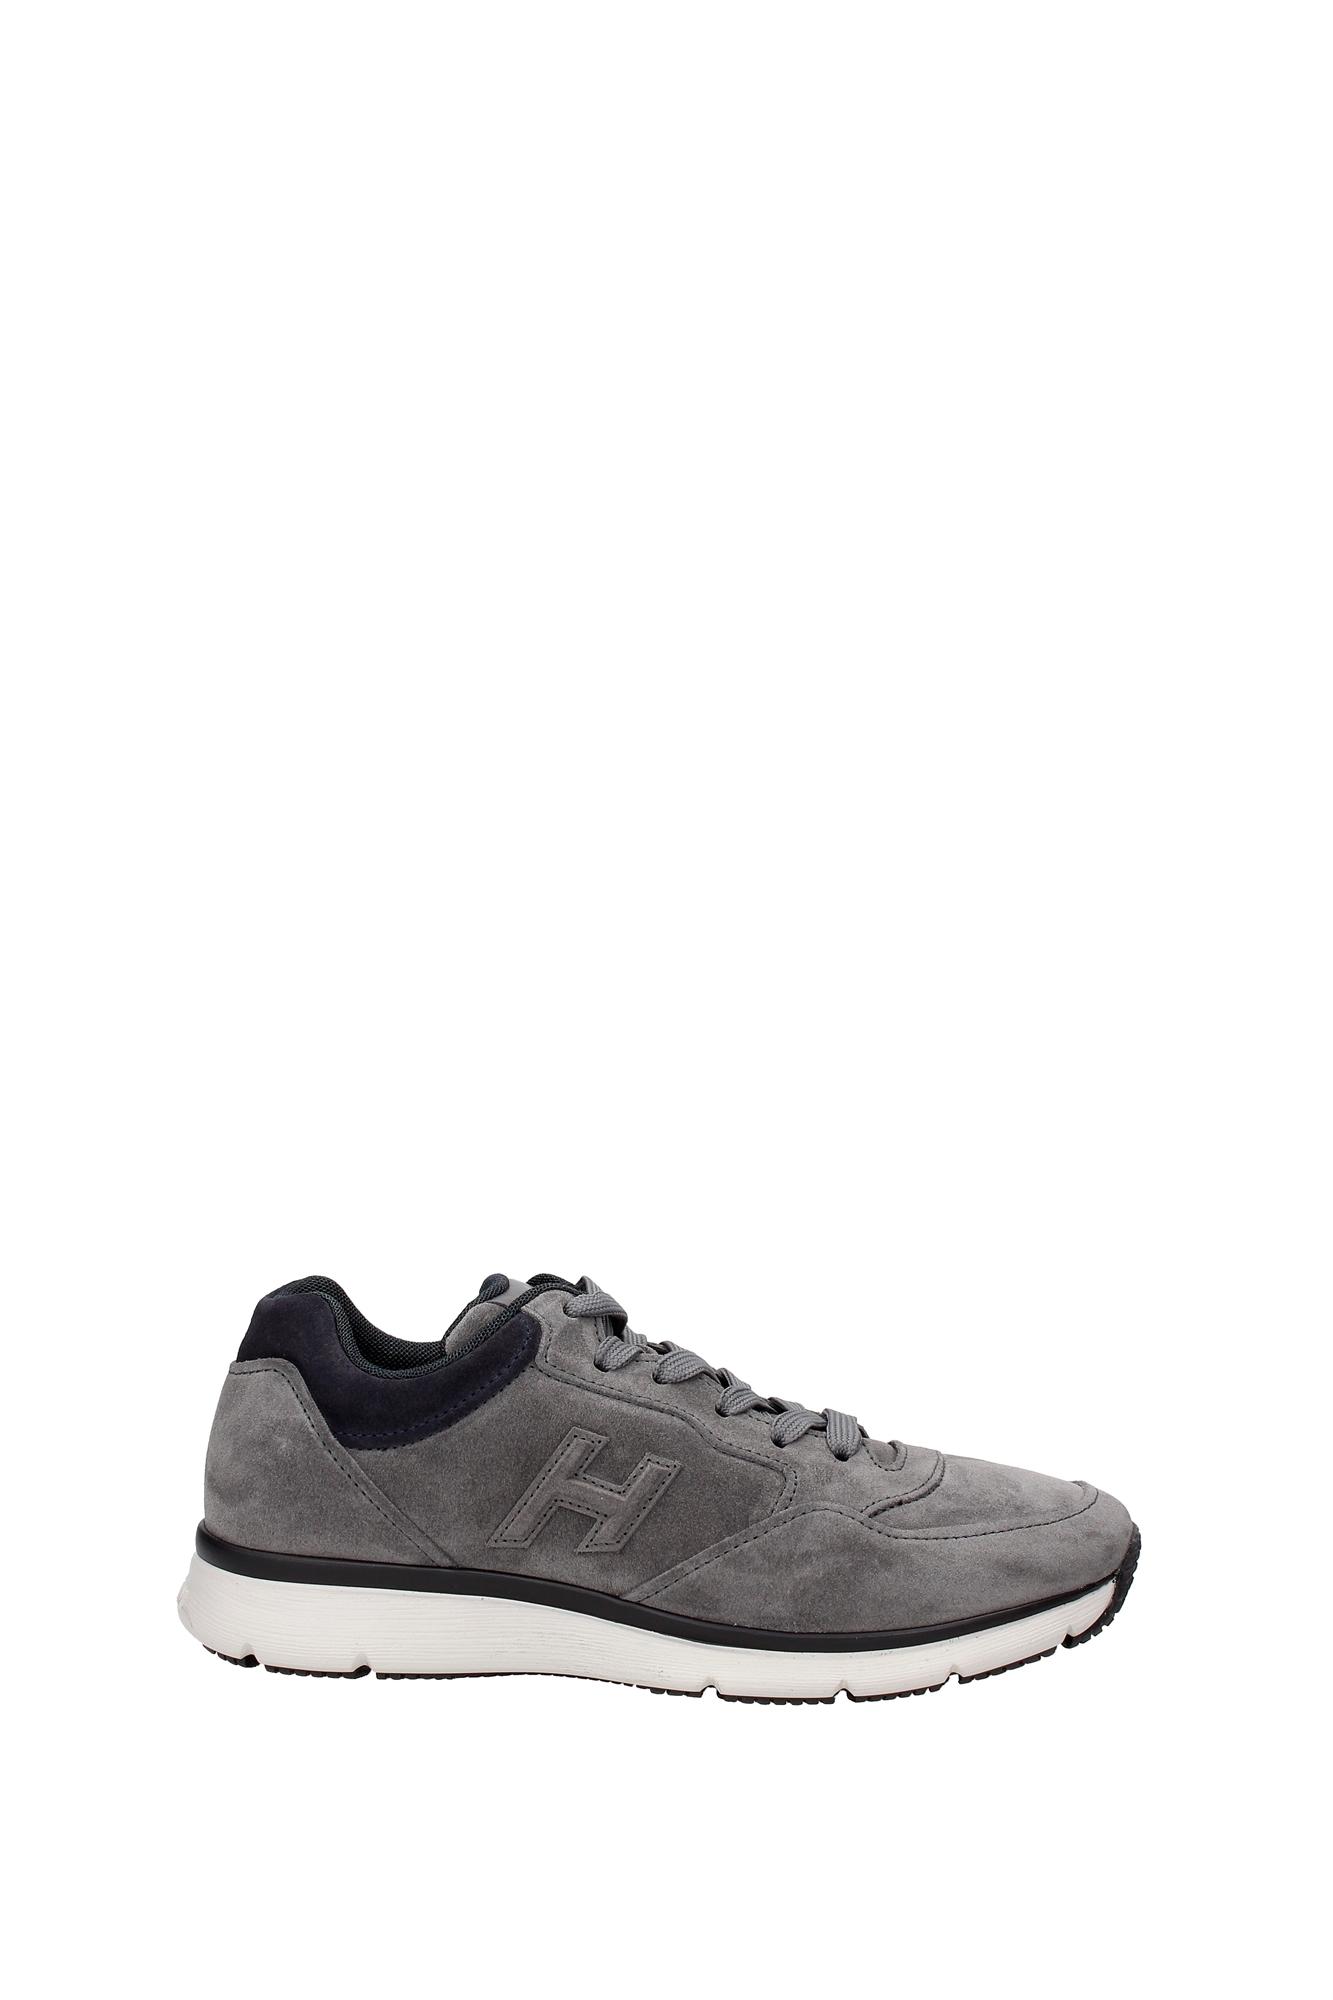 hot sale online 31671 bdad8 ... NIB Nike Air Jordan 11 Retro (XI) (XI) (XI) 25th ...